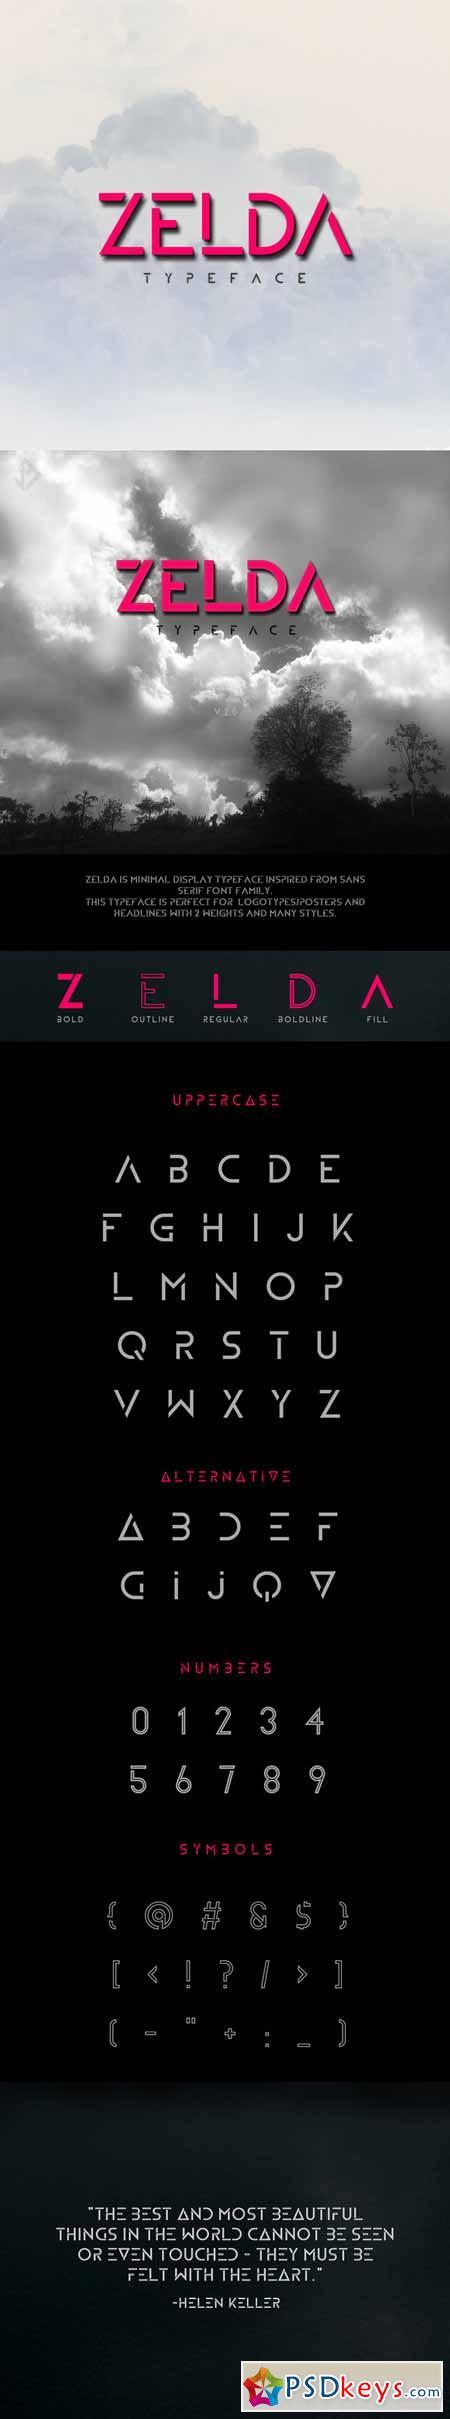 ZELDA Typeface 370240